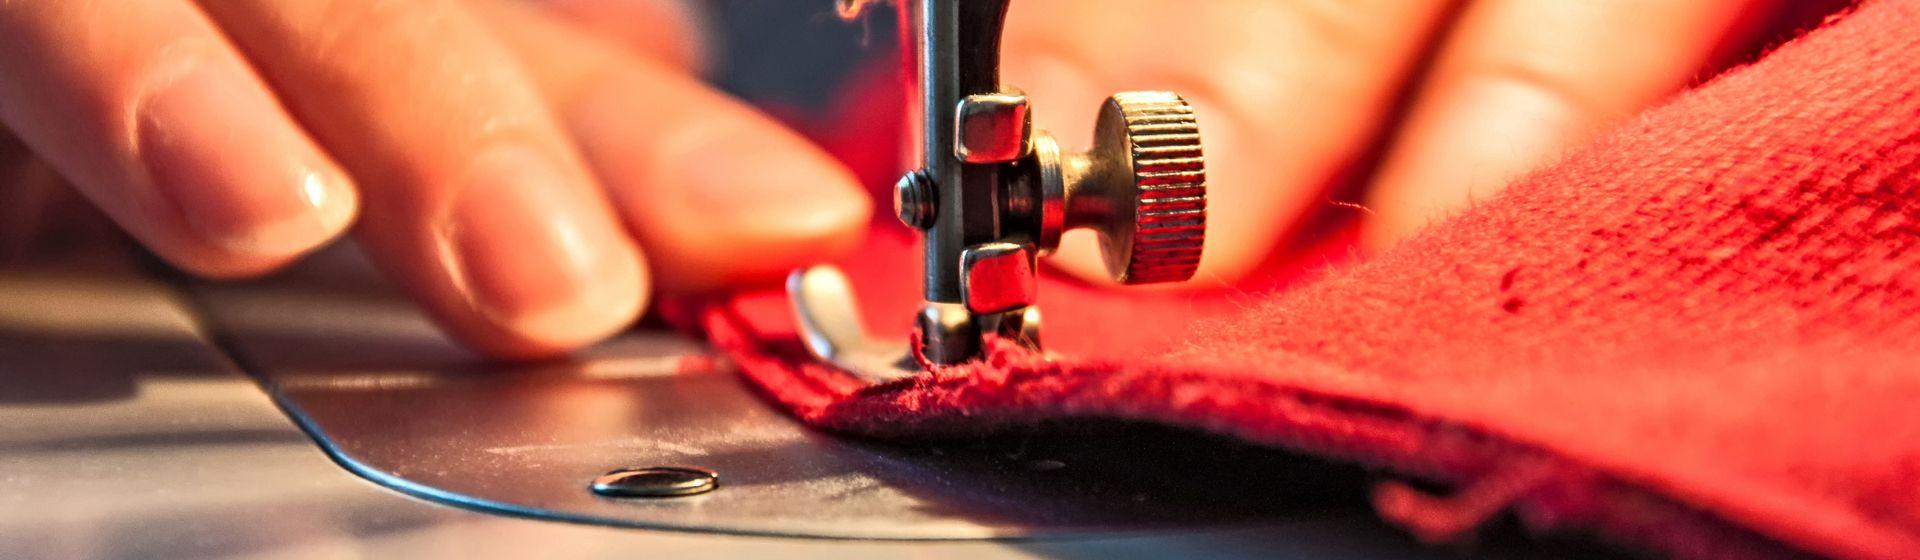 Melhor Máquina de Costura para Comprar em 2020: veja 10 opções